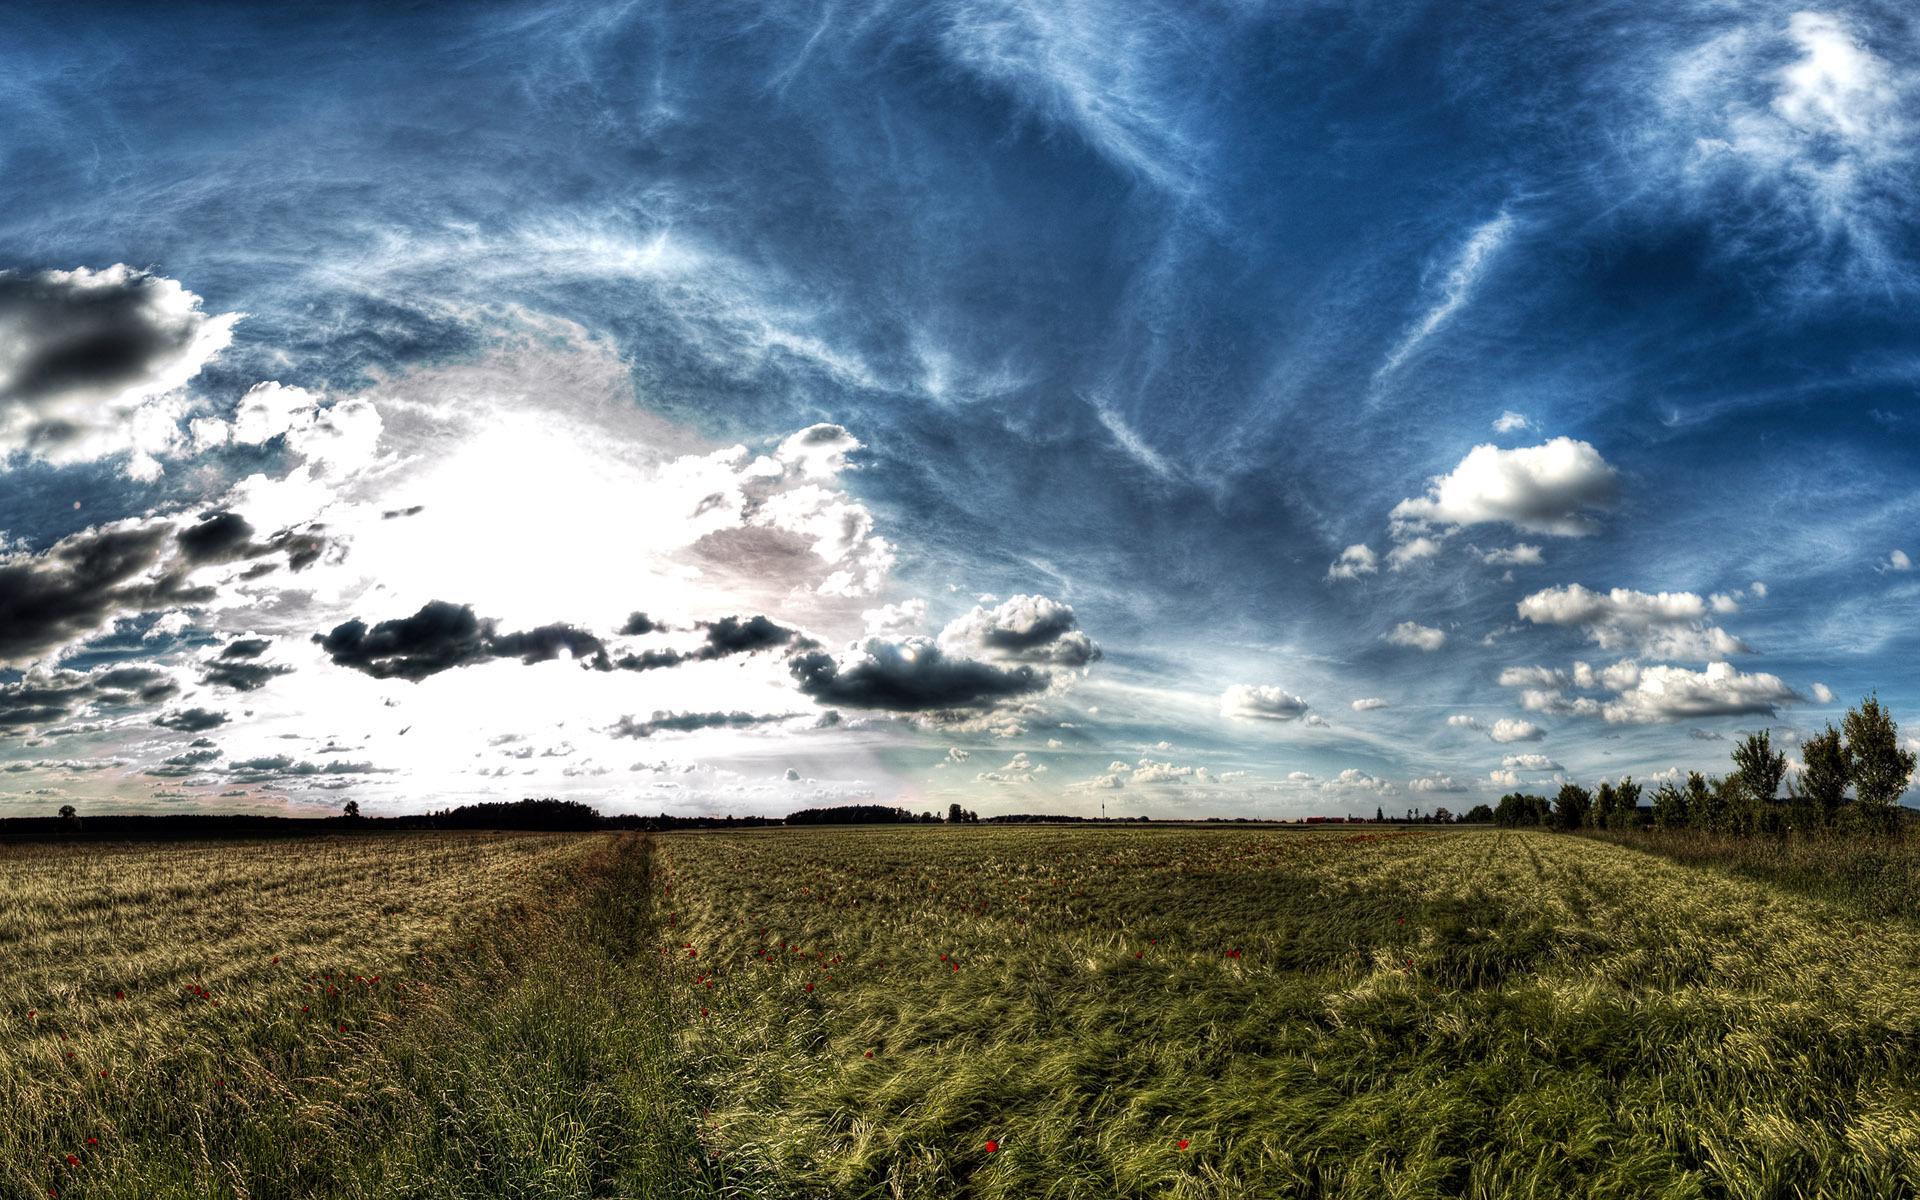 природа облака небо горизонт поле  № 204237 загрузить